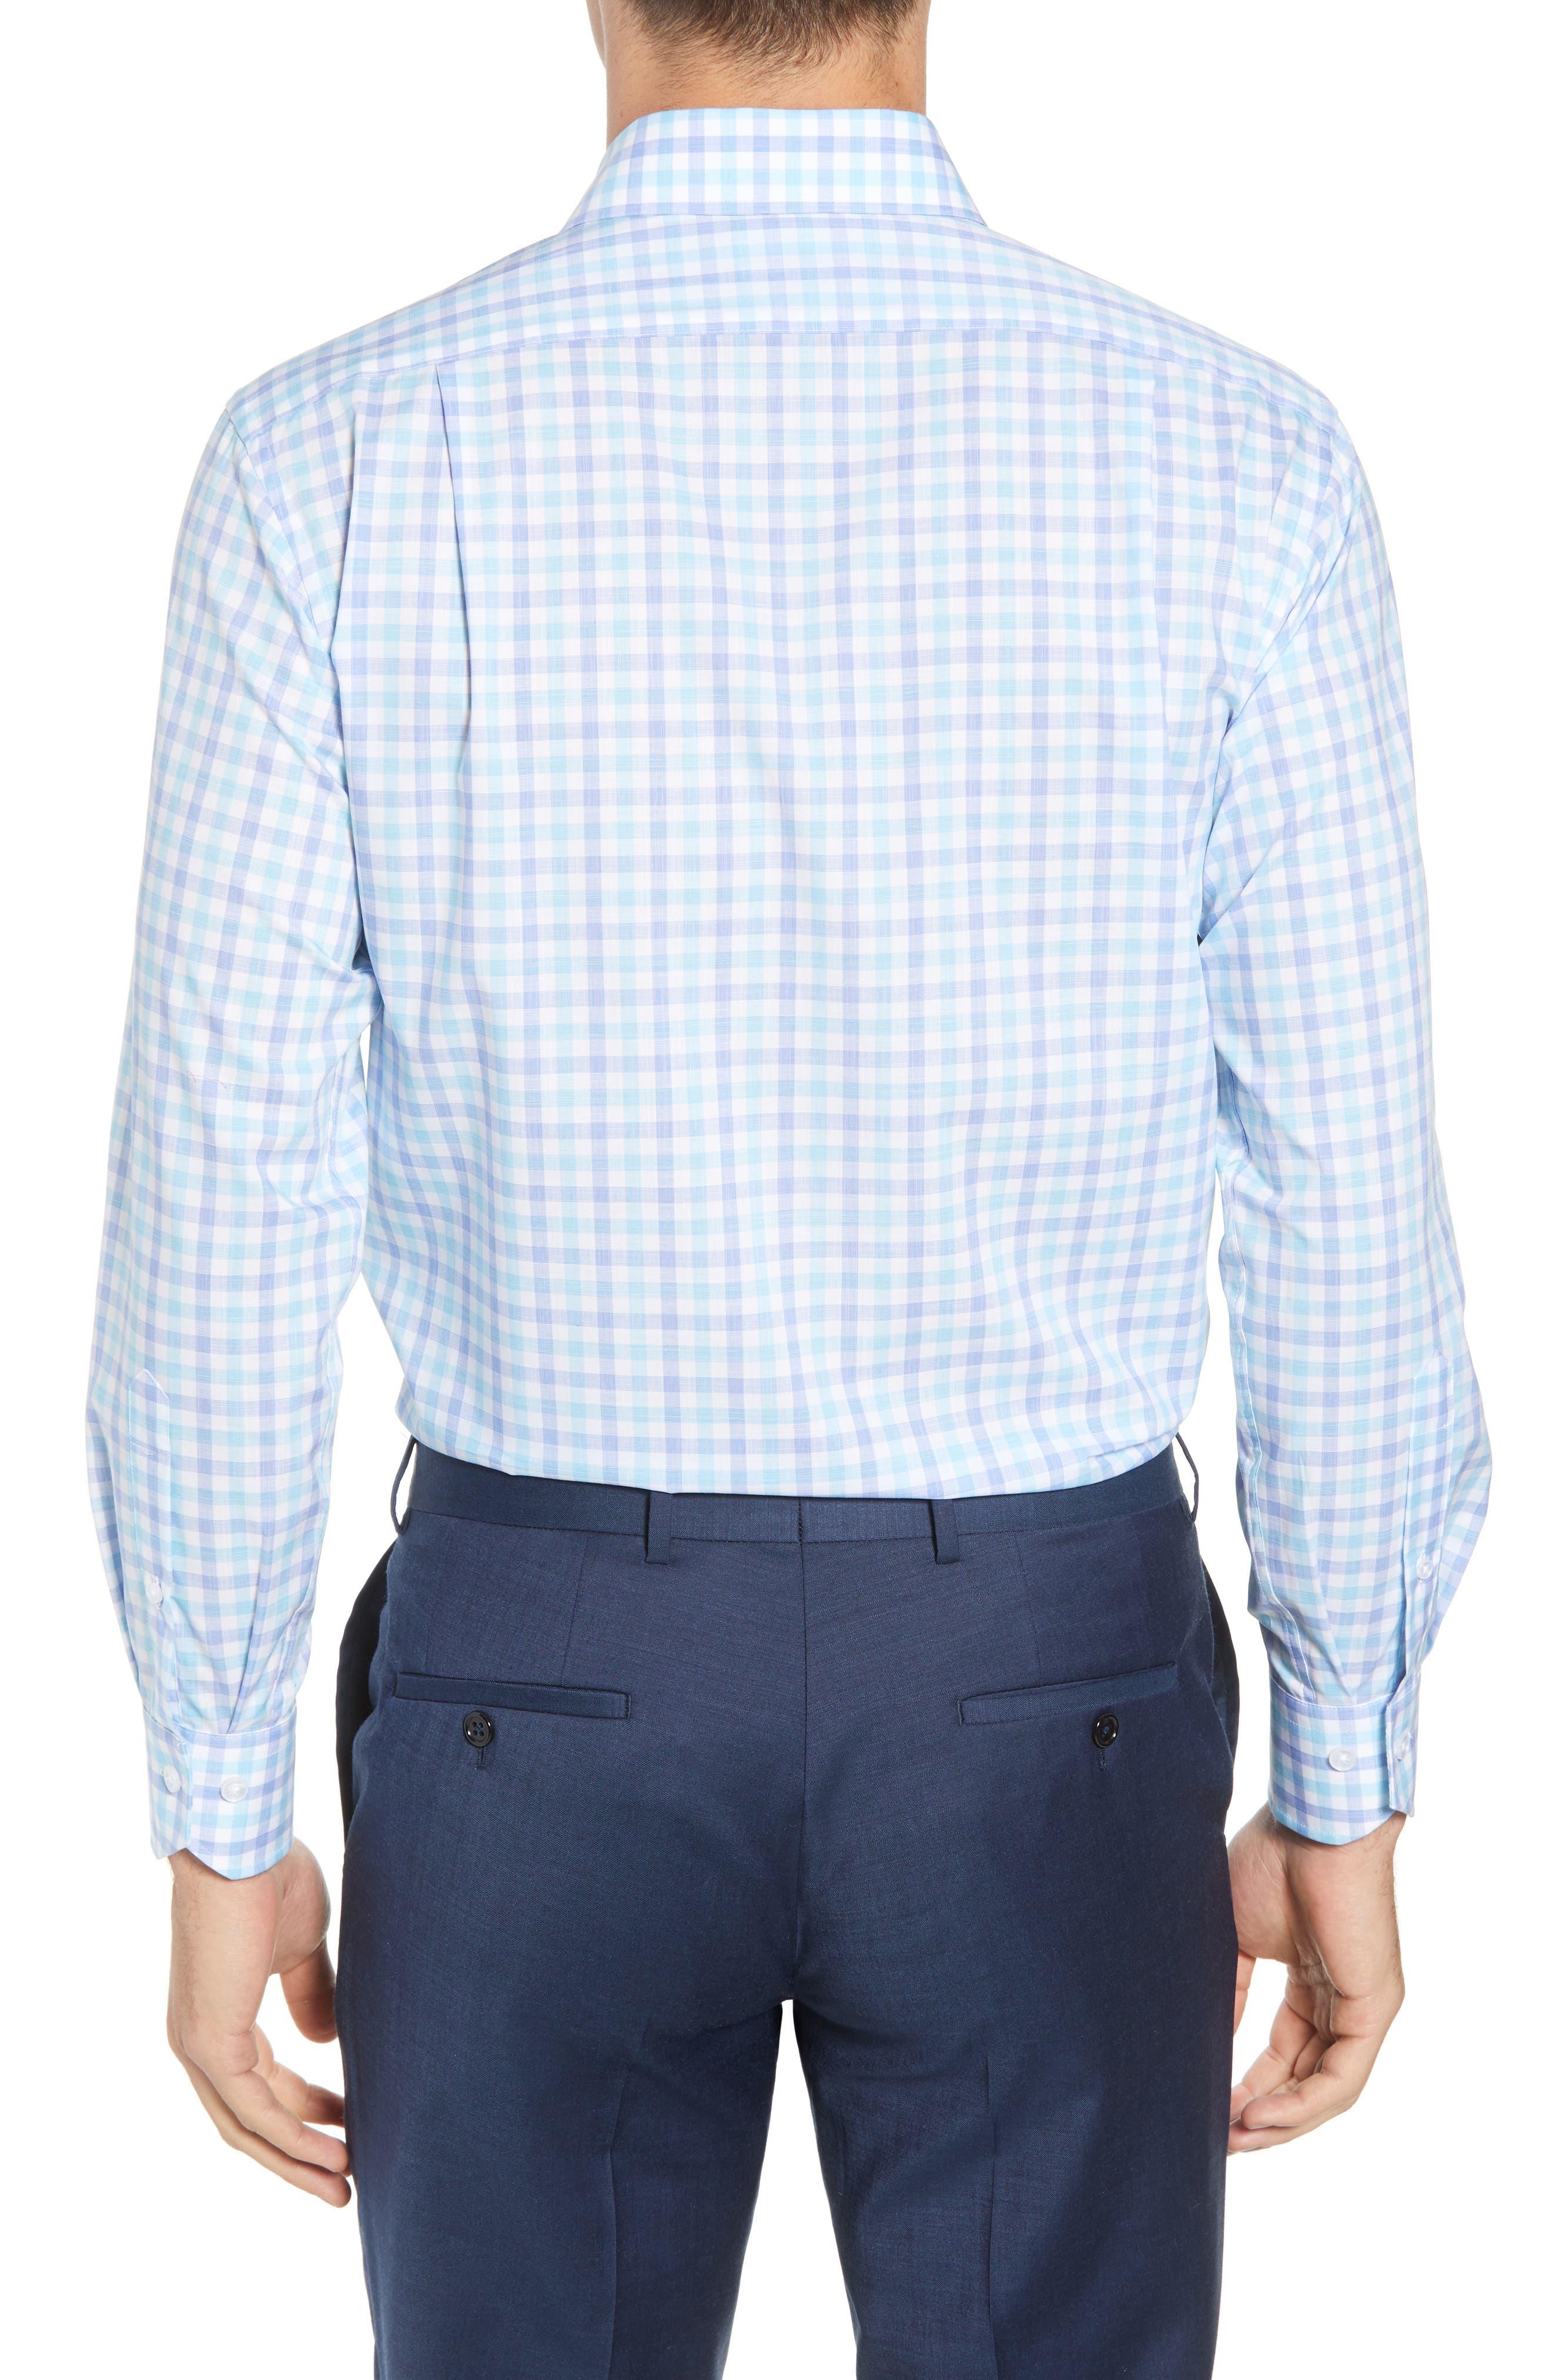 Trim Fit Check Dress Shirt,                             Alternate thumbnail 3, color,                             439